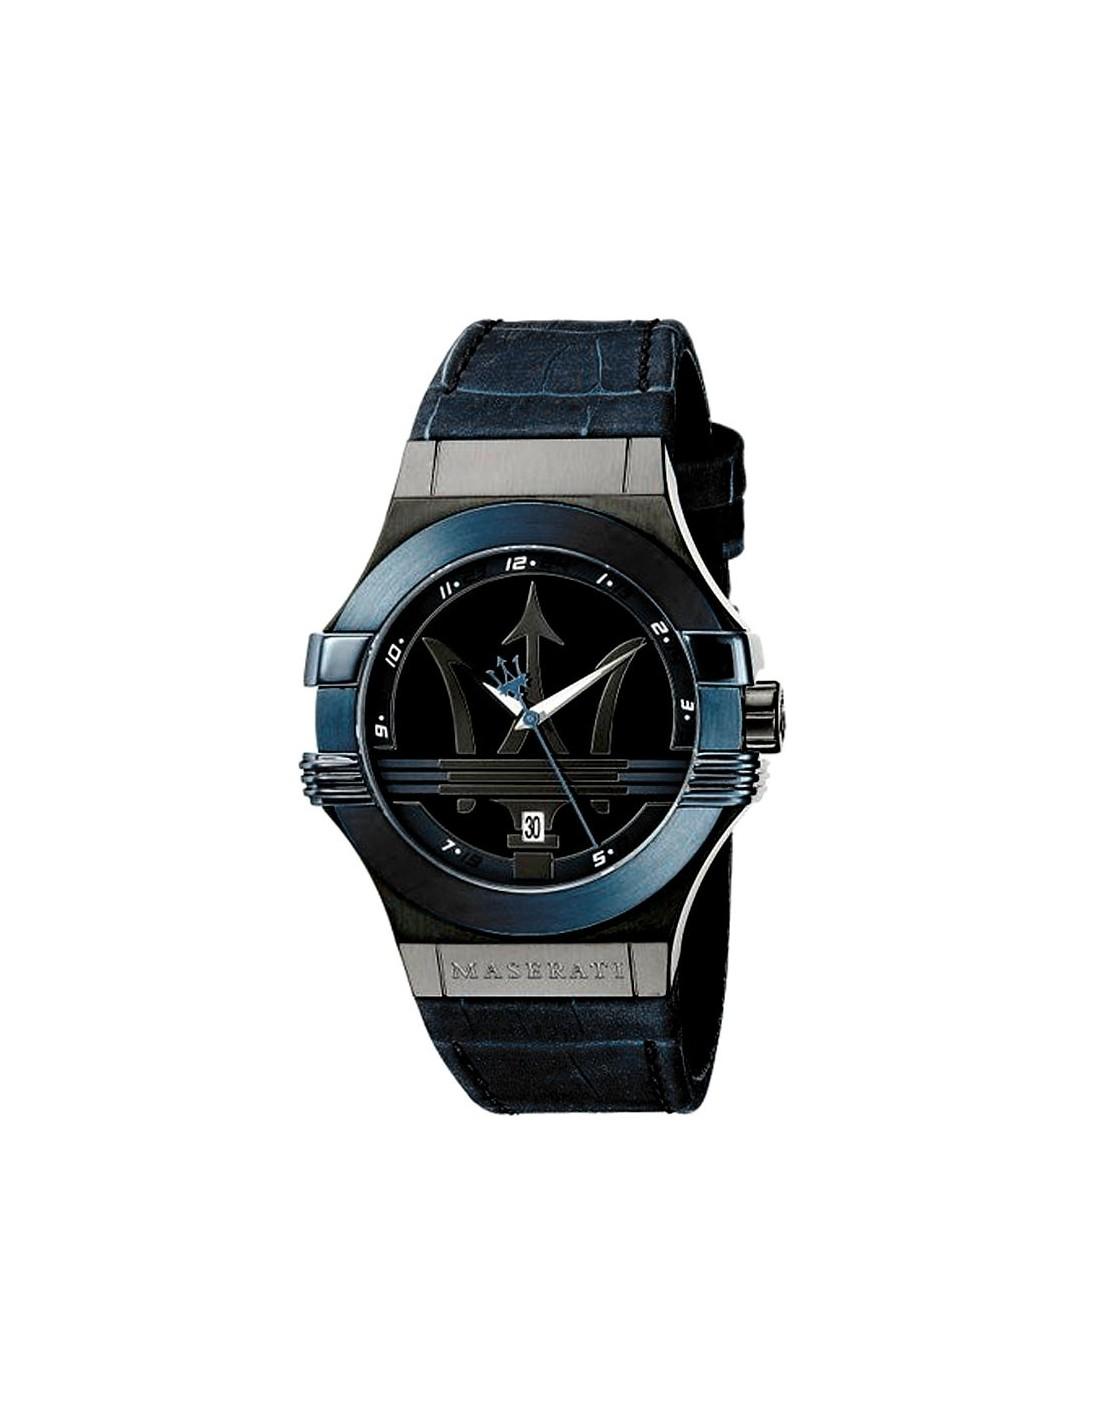 r8851108007 - nuevo reloj maserati potenza